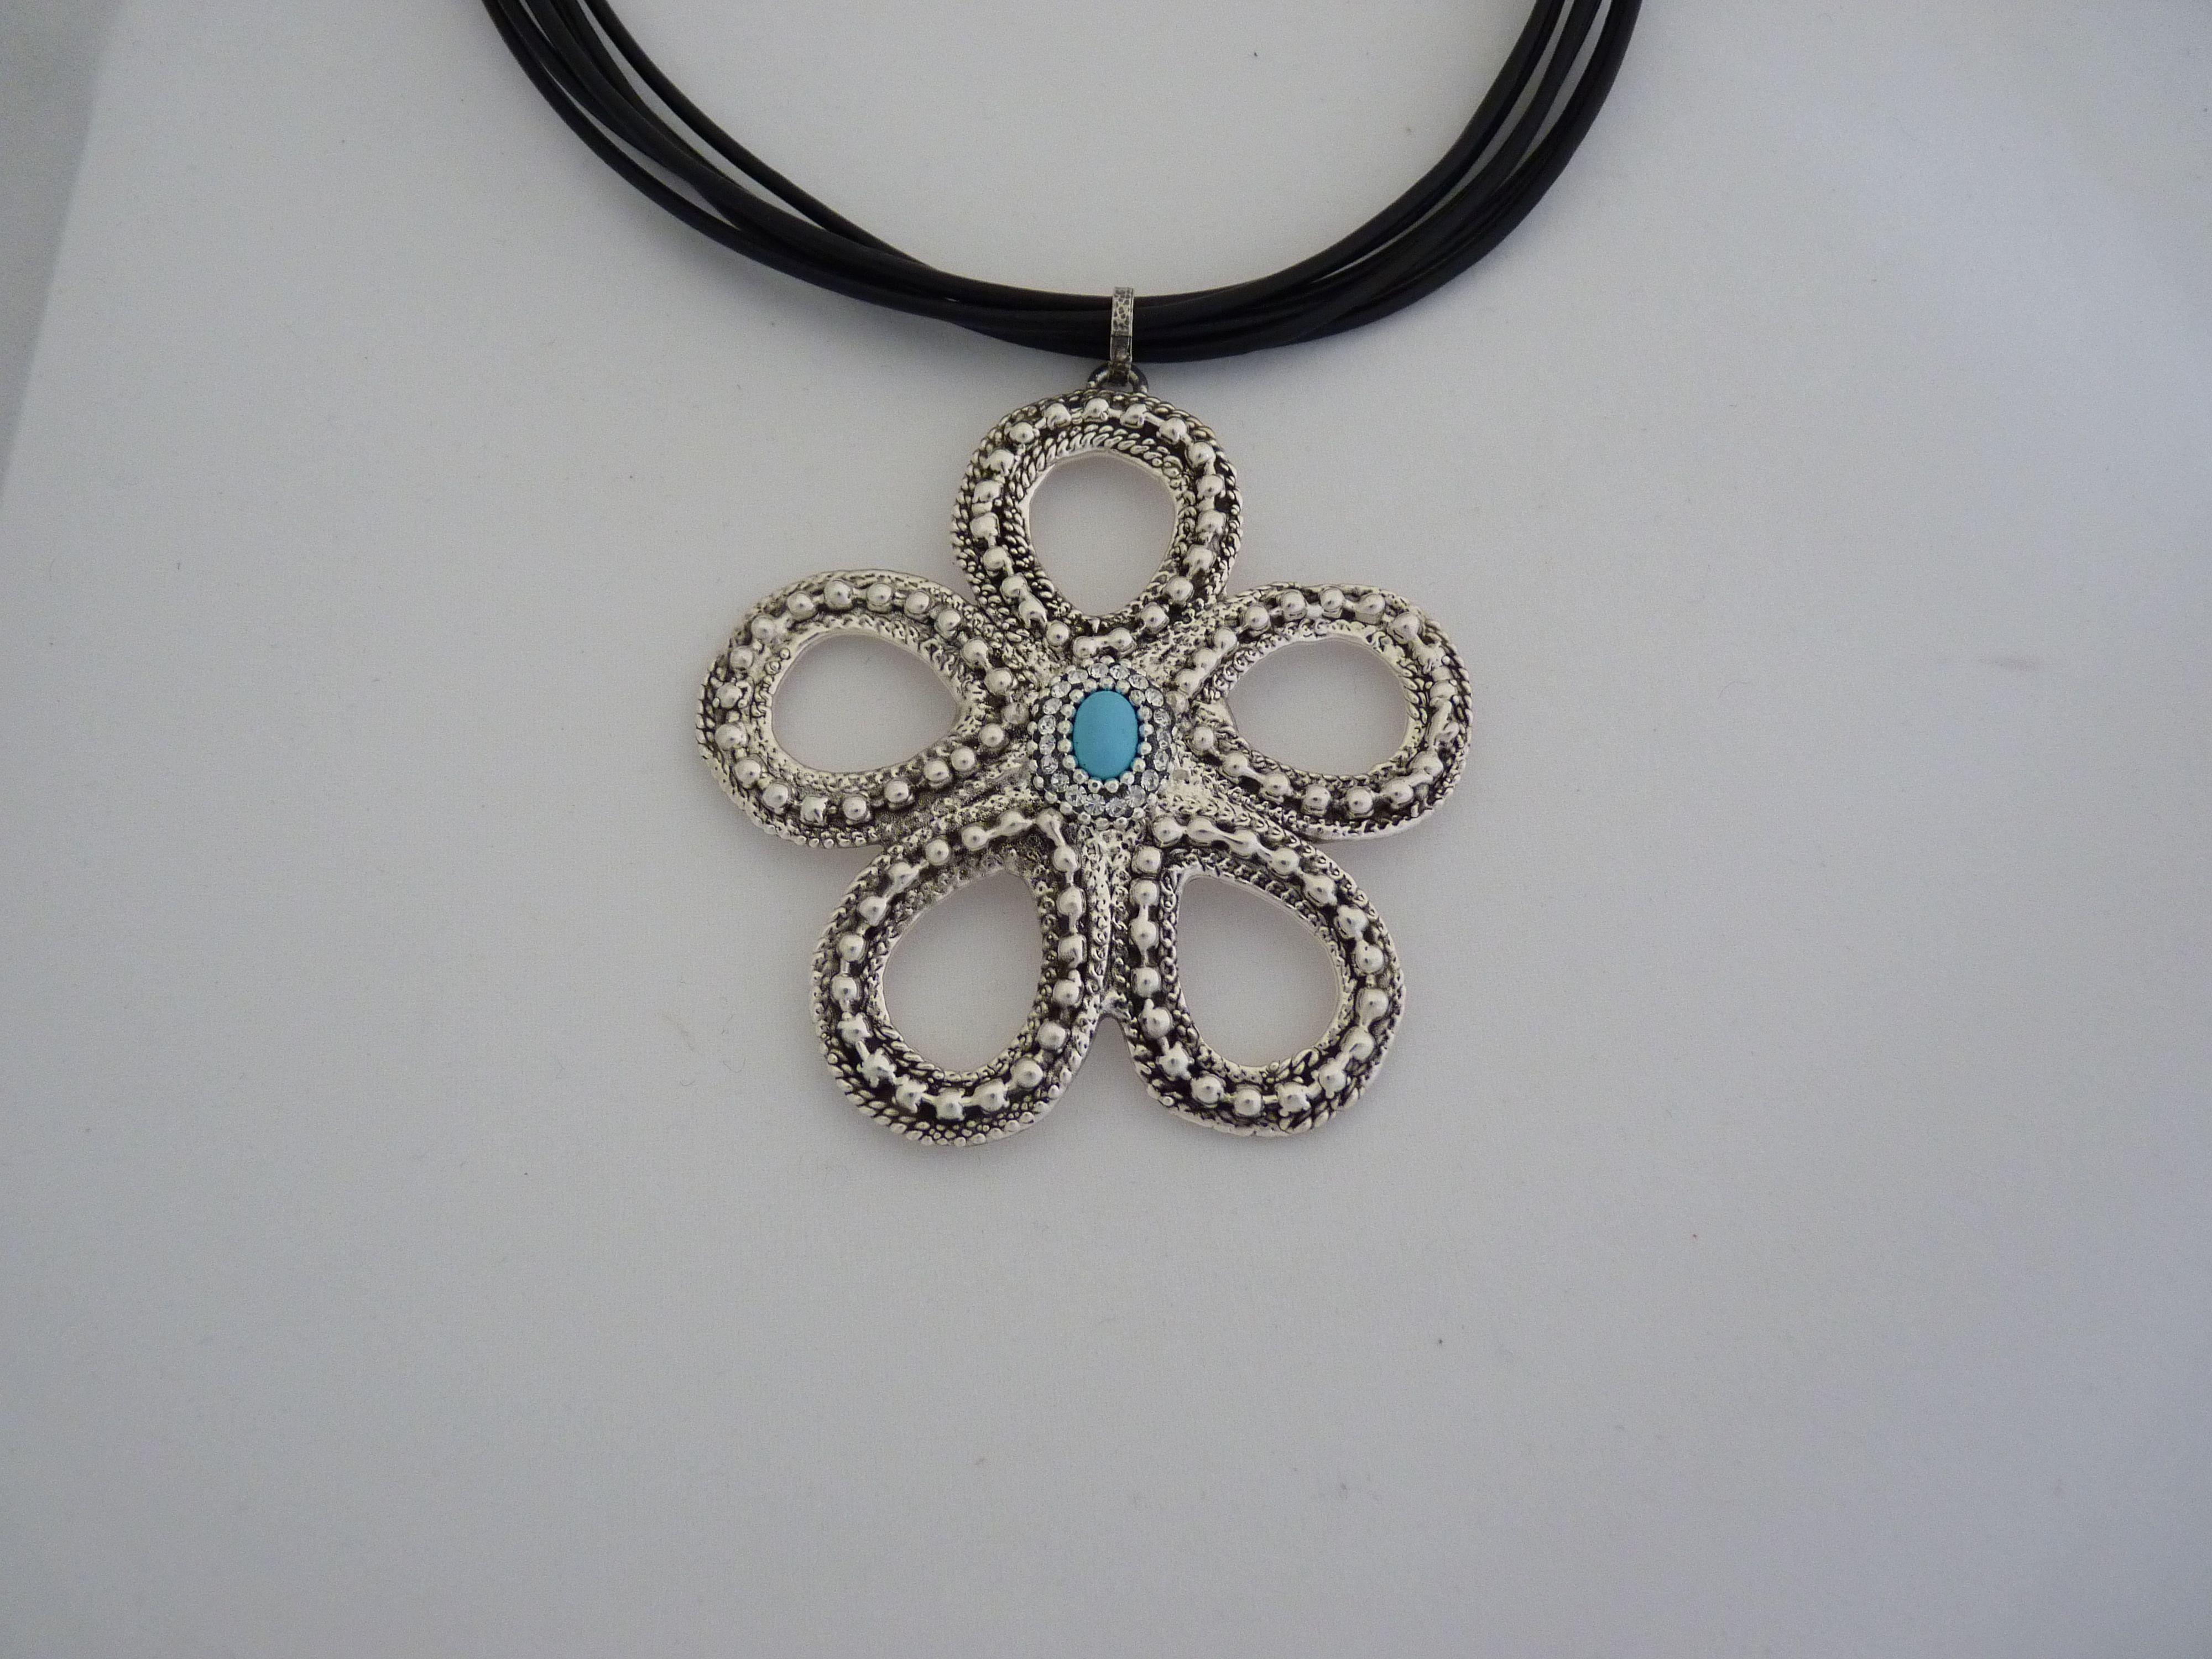 Bold & Beautiful necklace - Fun and Flirty!